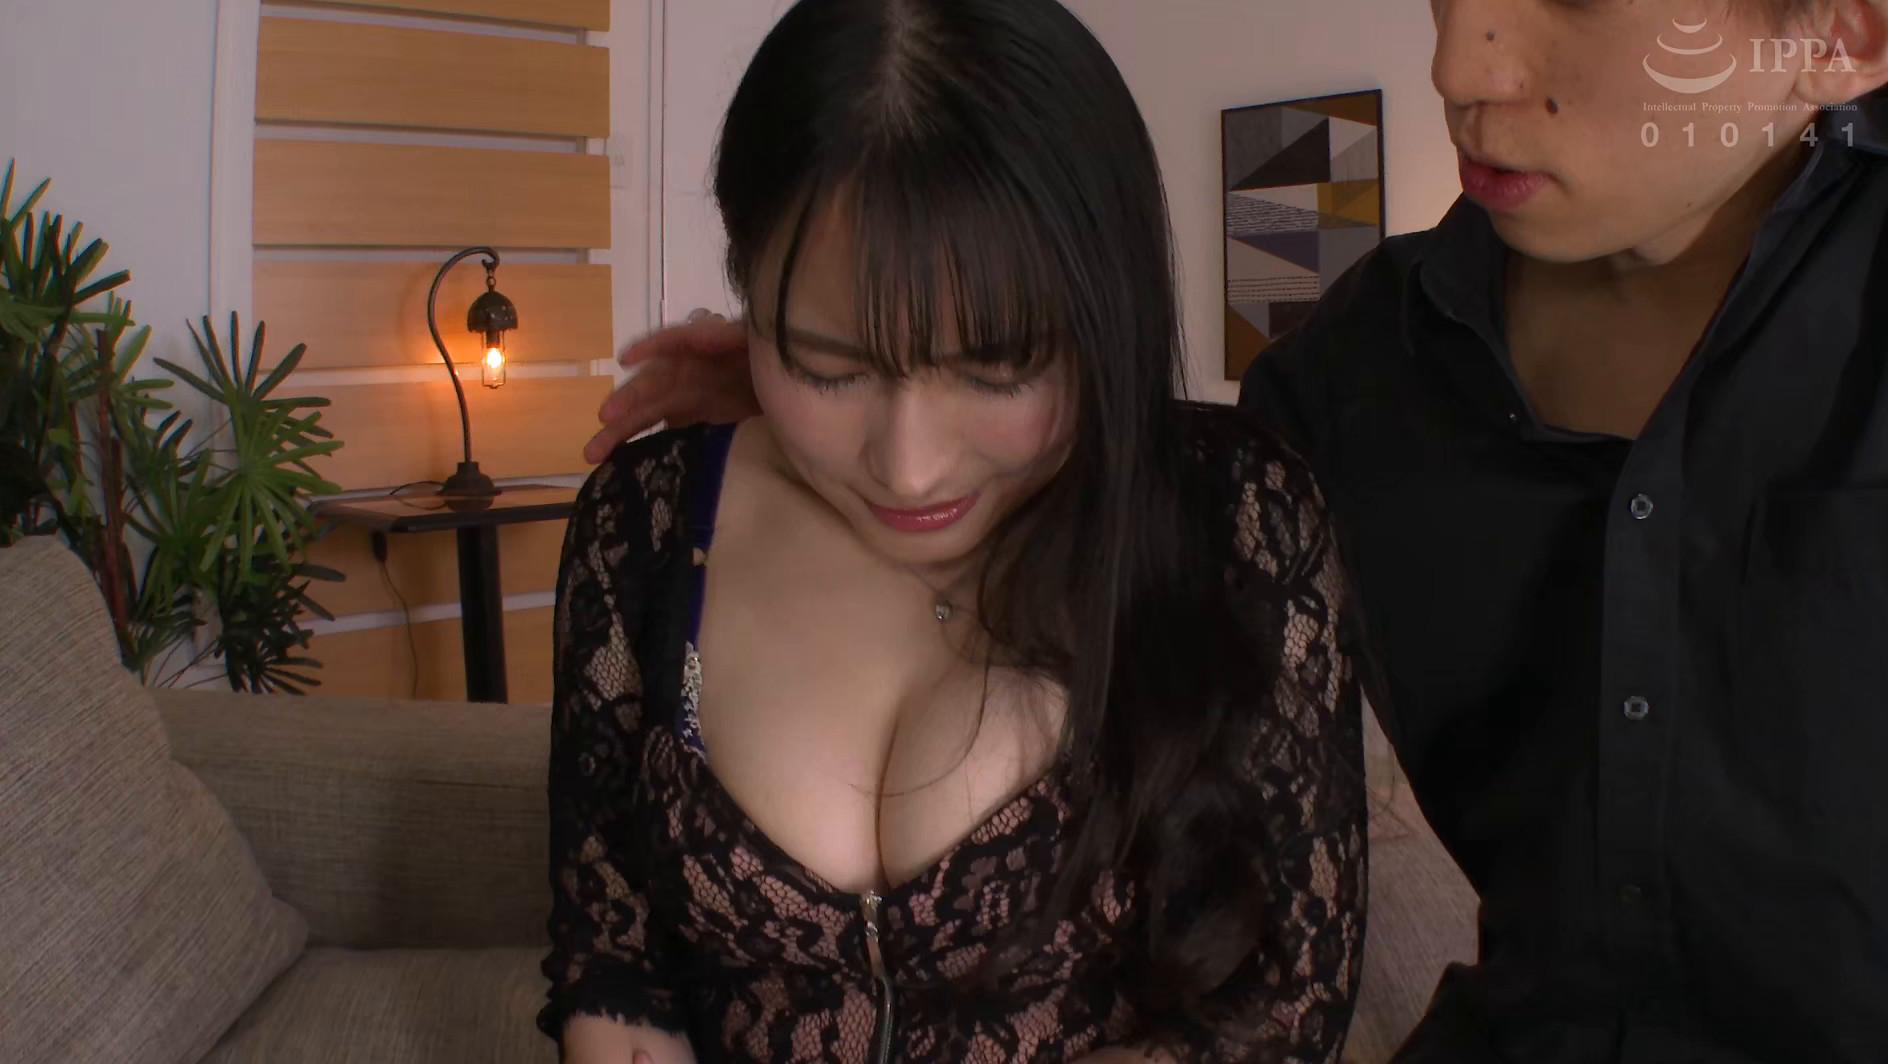 ぶっかけマゾ妻 美人のマゾ人妻を集団ザーメン弄び 岩沢香代 画像1